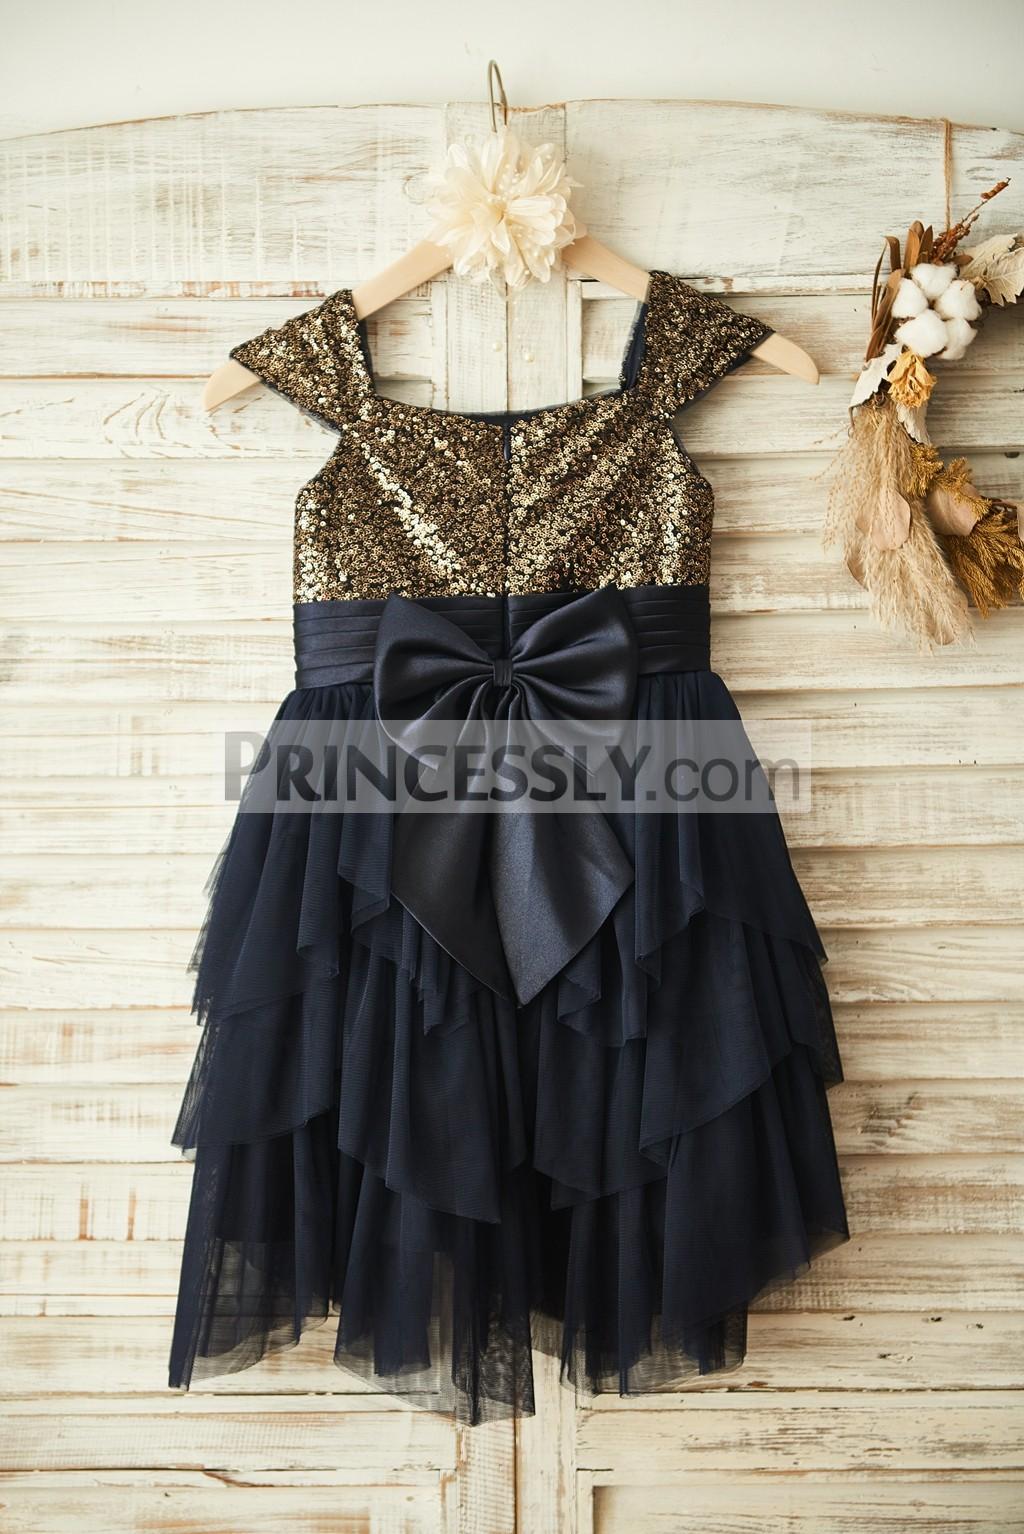 A Big Bow at Hidden Zippered Back of Tiered Ruffles Wedding Little Girl Dress